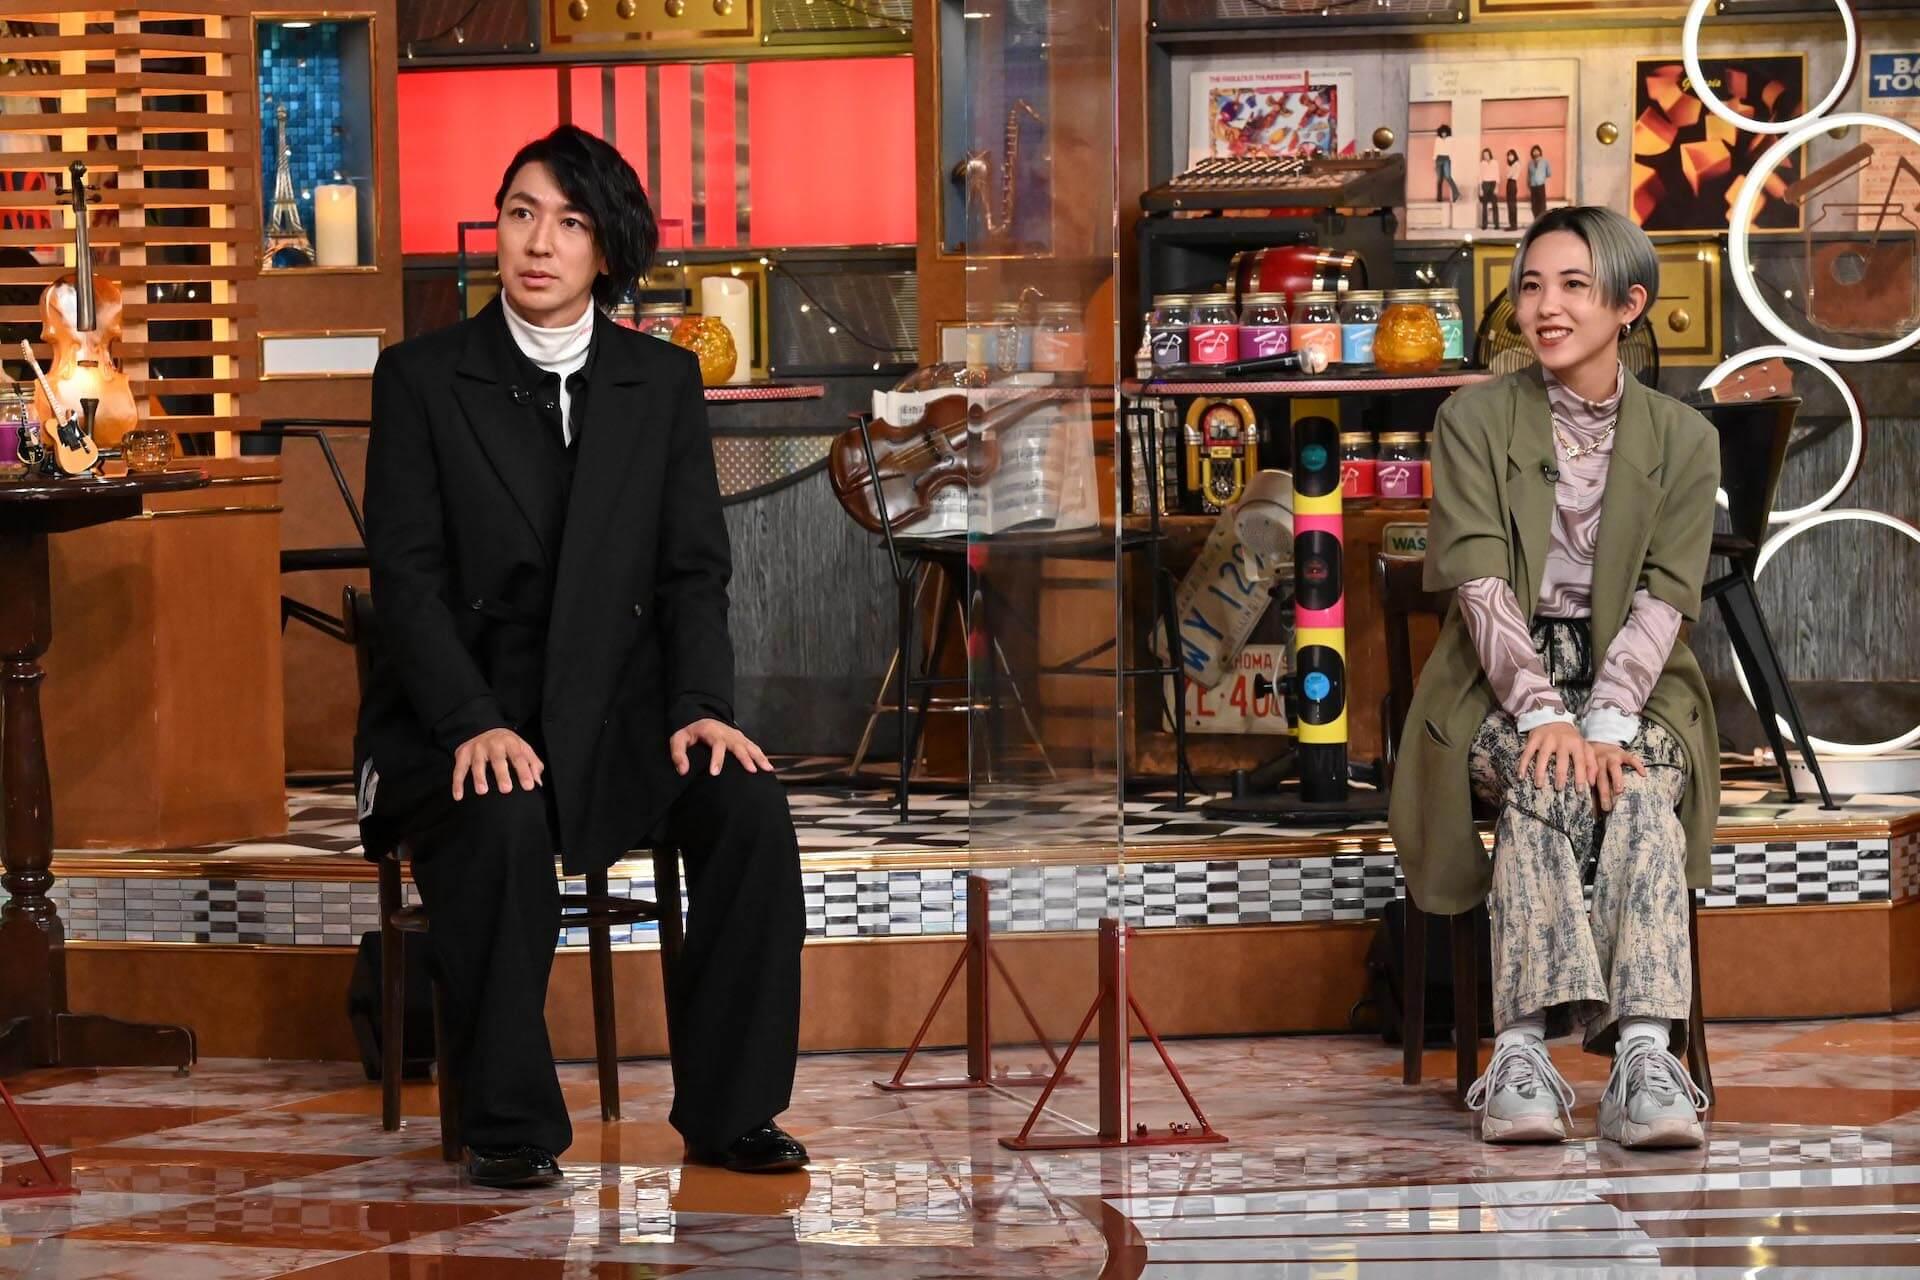 『関ジャム 完全燃SHOW』にyurinasiaが初登場!TAKAHIROとの共演も実現 art210804_yurinasia_kanjam_2